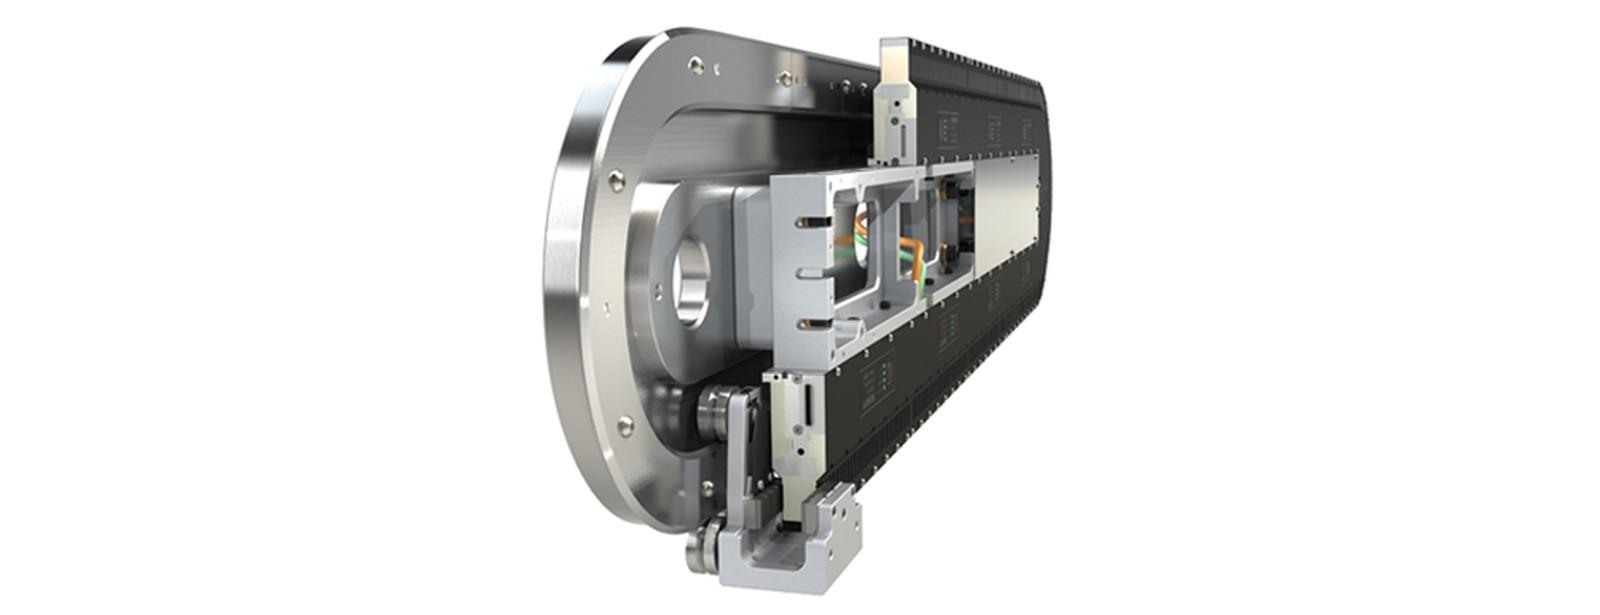 Das GFX Hepco Führungssystem für das Beckhoff XTS verwendet Linearmotortechnologie, um Mover auf einem Schienensystem zu verfahren. Jeder Mover ist individuell steuerbar, wodurch komplexe Hochgeschwindigkeits-Bewegungsprofile möglich werden.